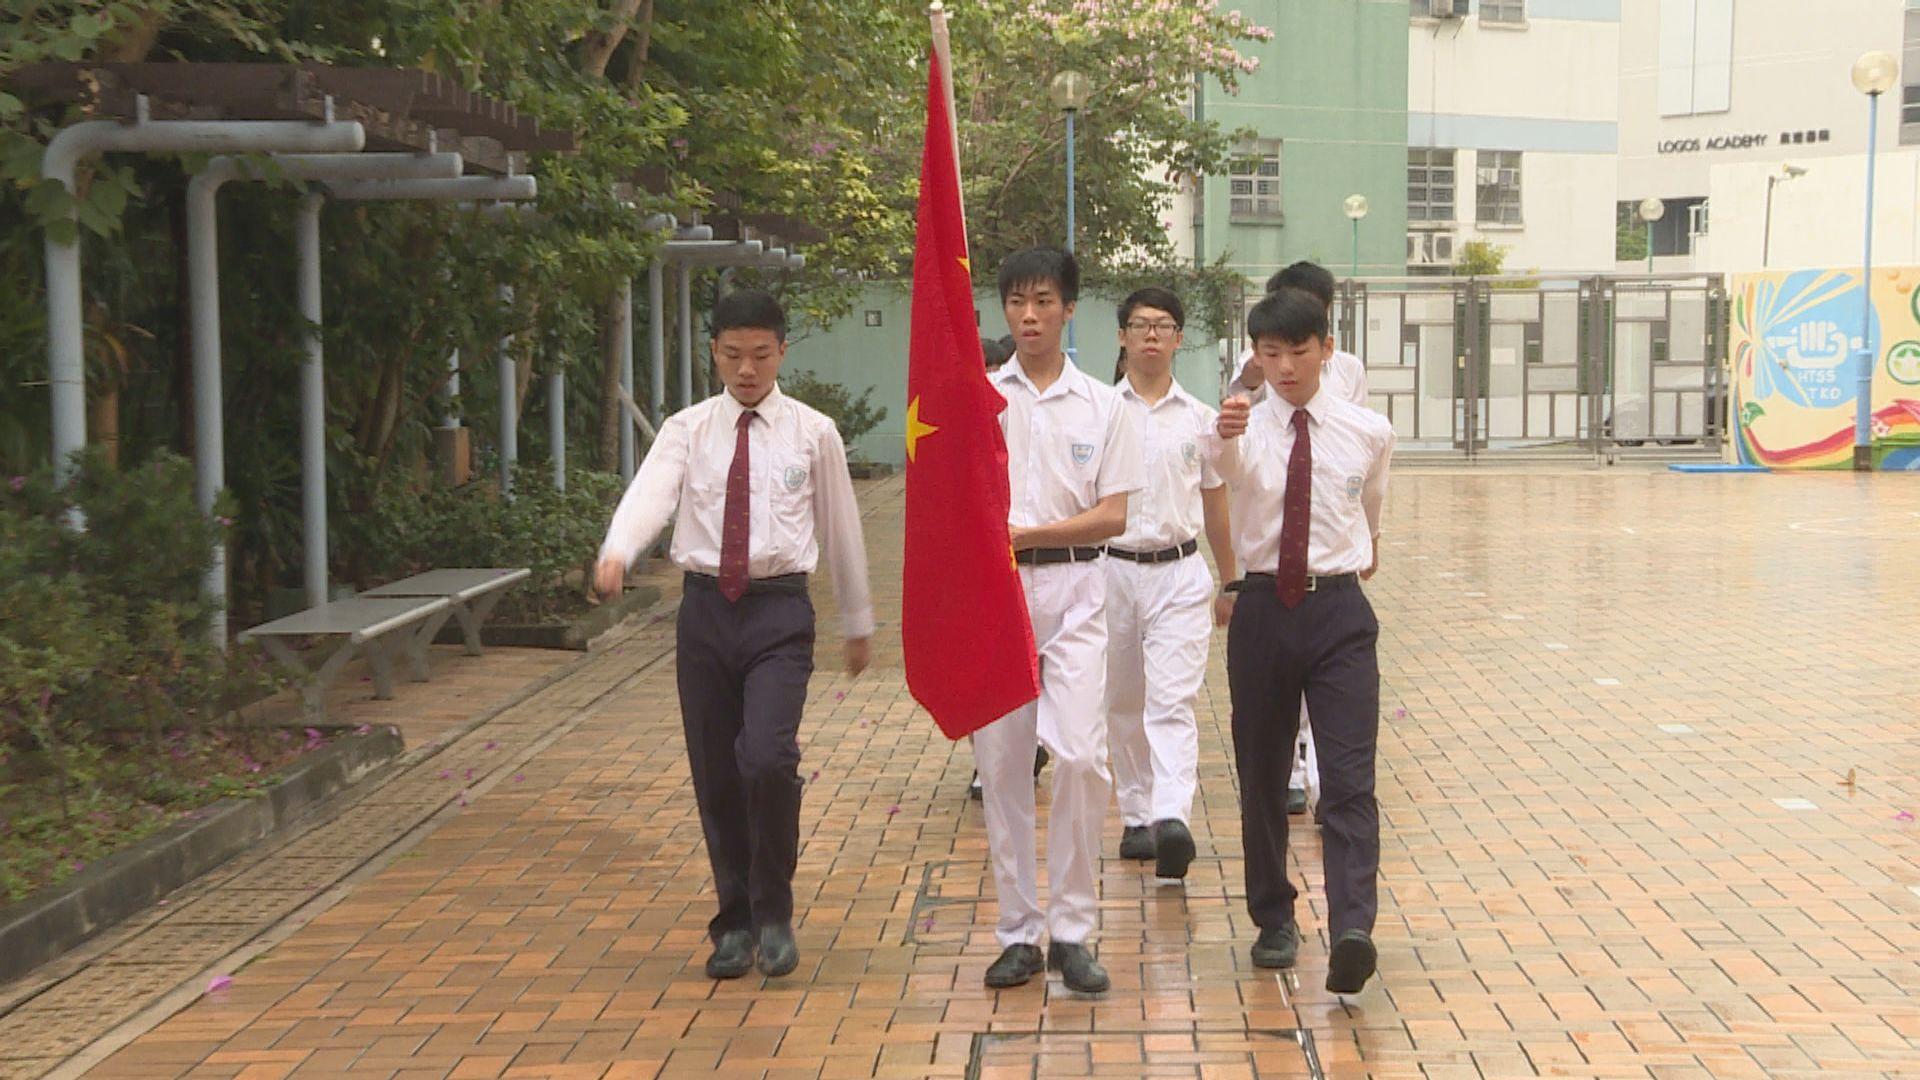 中小學辦七一、十一國慶等活動必須升國旗奏唱國歌